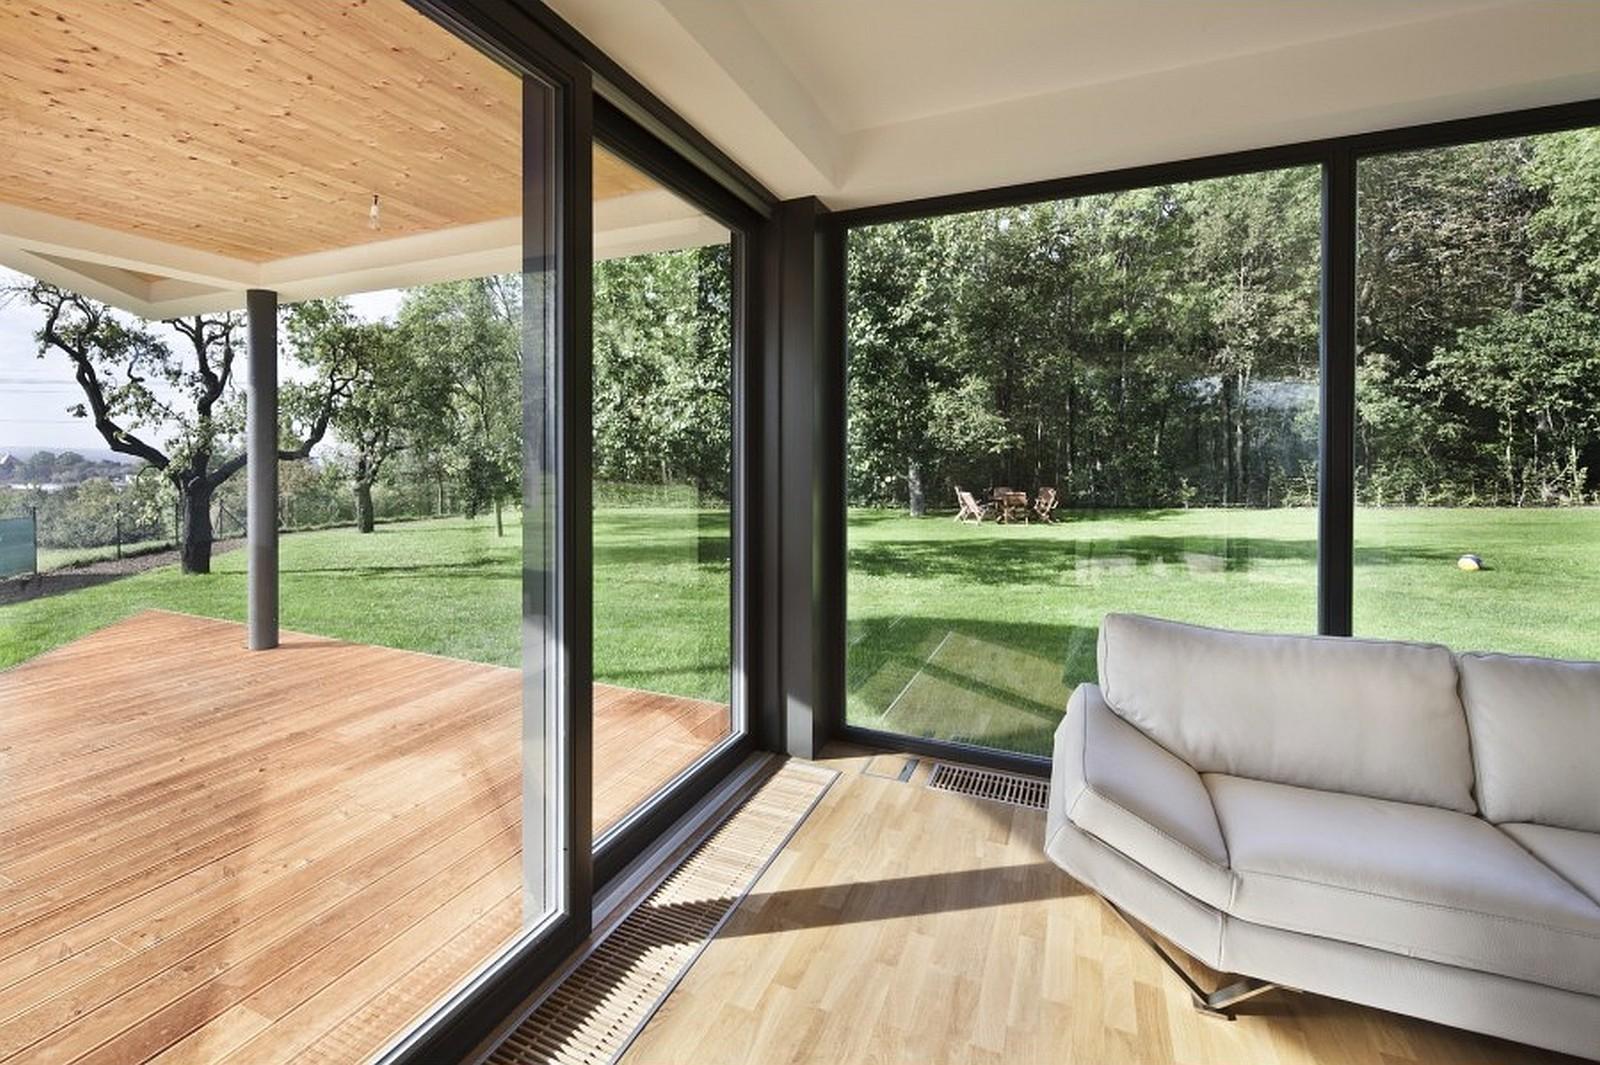 Drzwi i okna tarasowe bezprogowe przesuwne